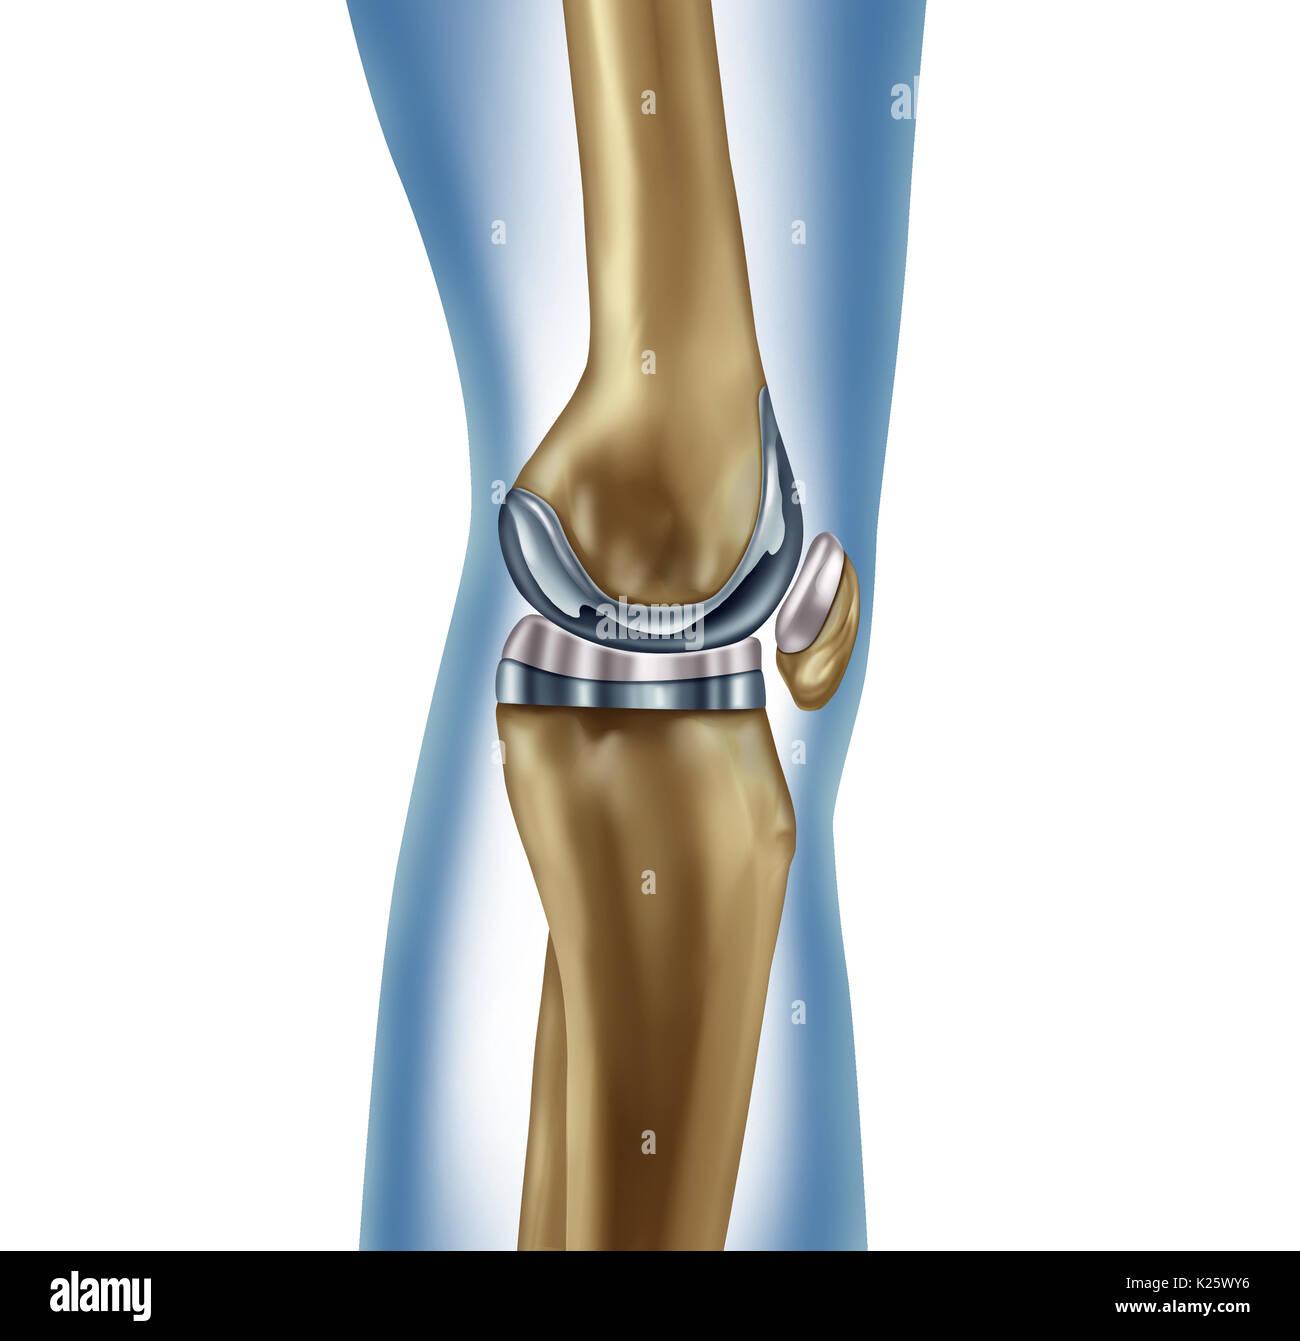 Implante de rodilla Reemplazo concepto médico como una pierna humana ...